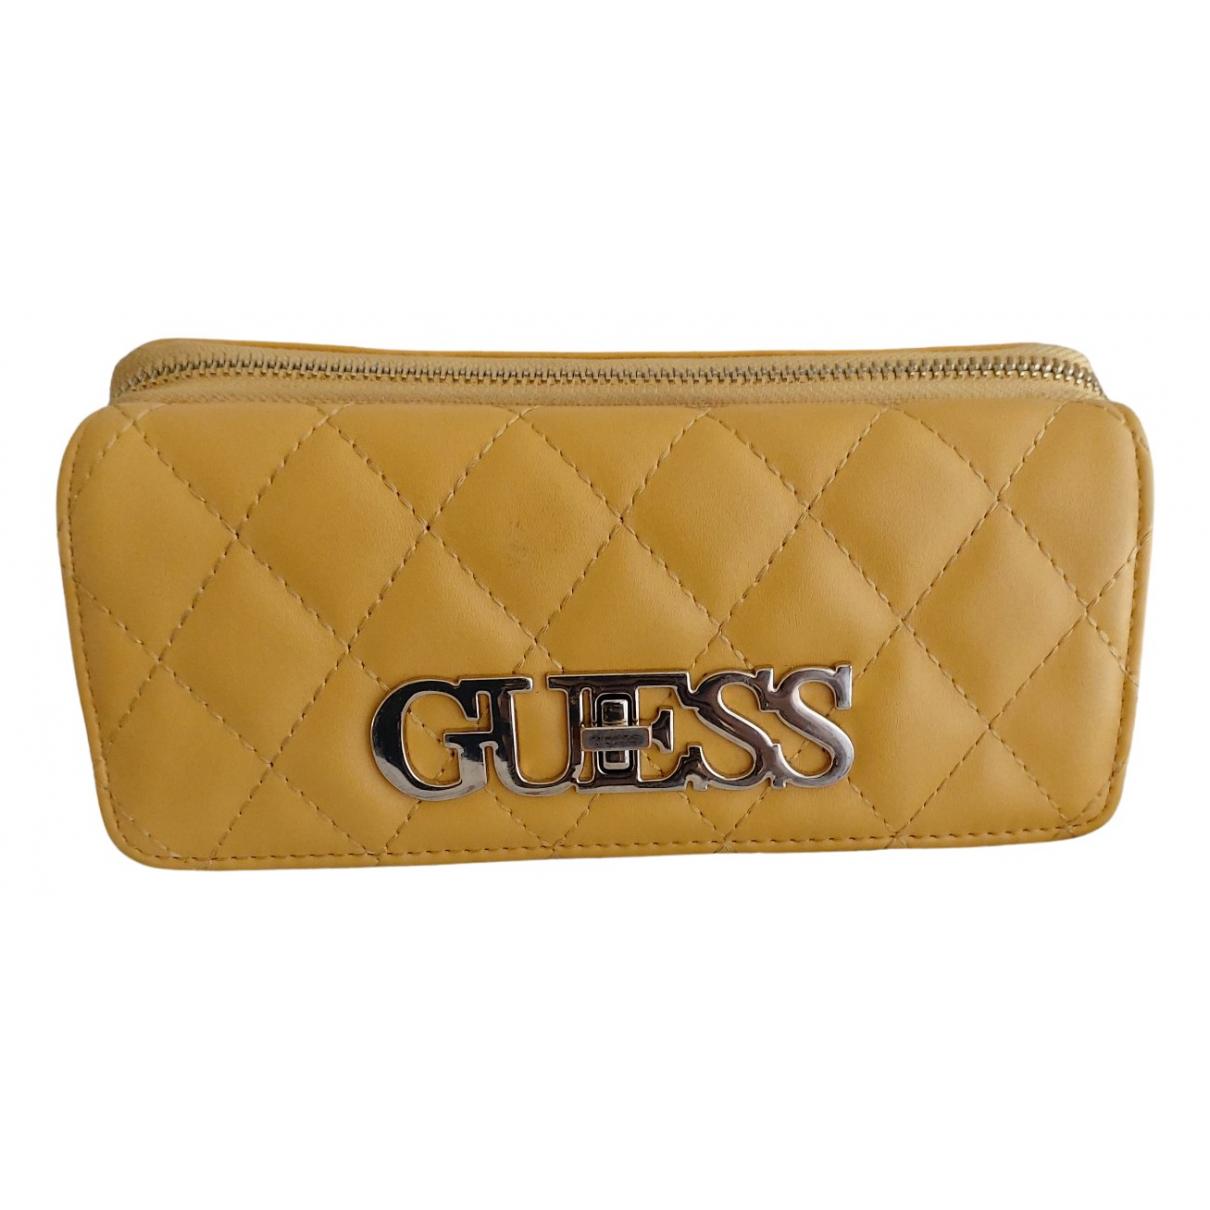 Guess - Portefeuille   pour femme en cuir - jaune